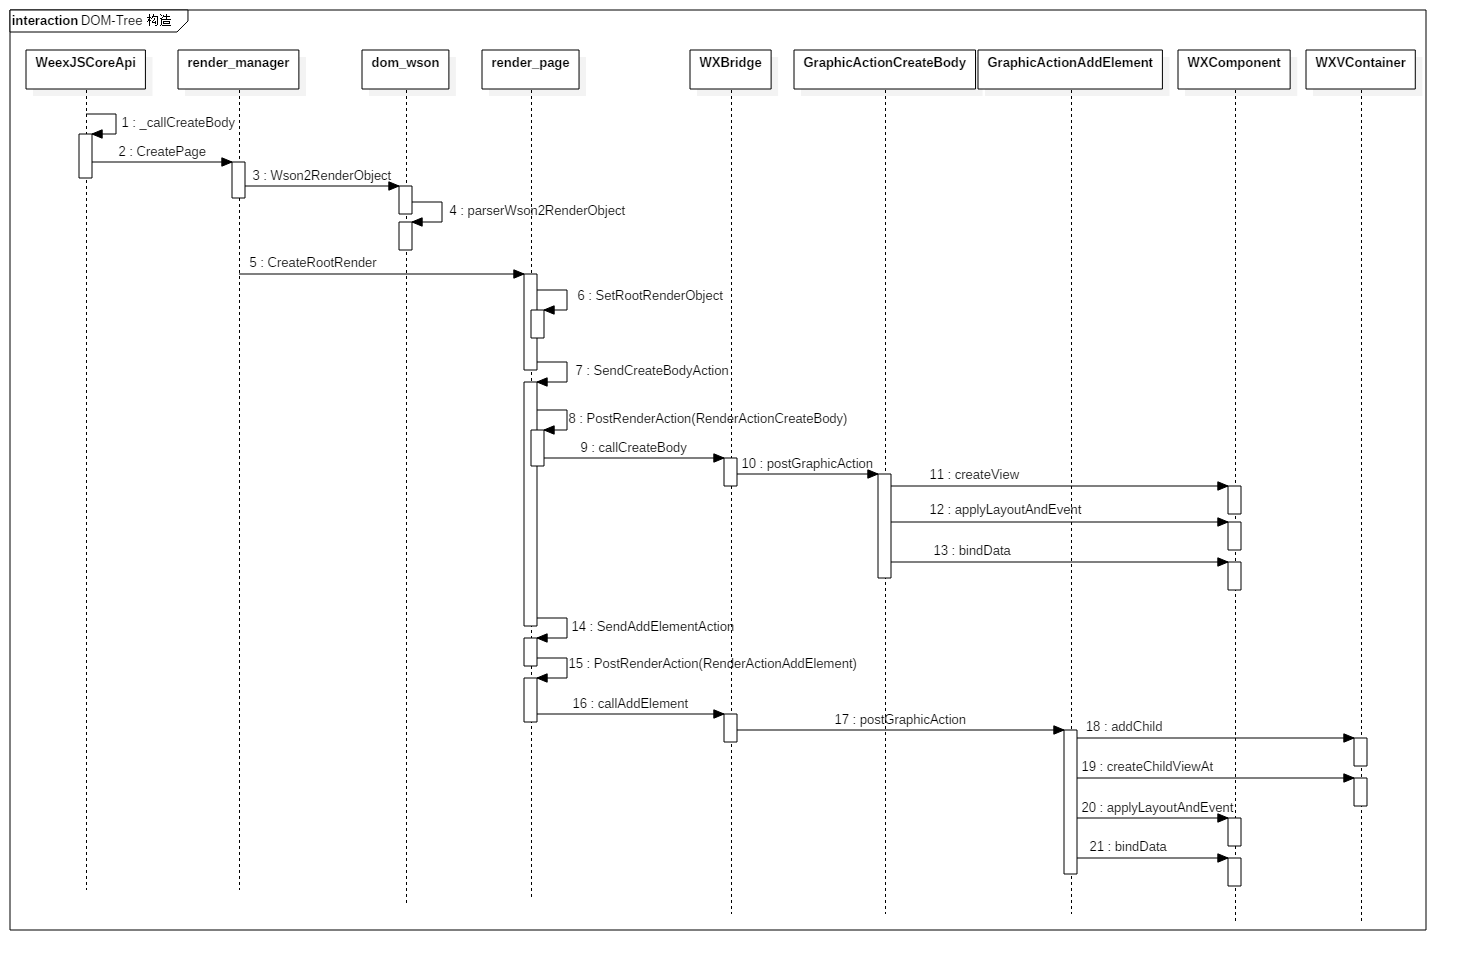 DOM-Tree 构造